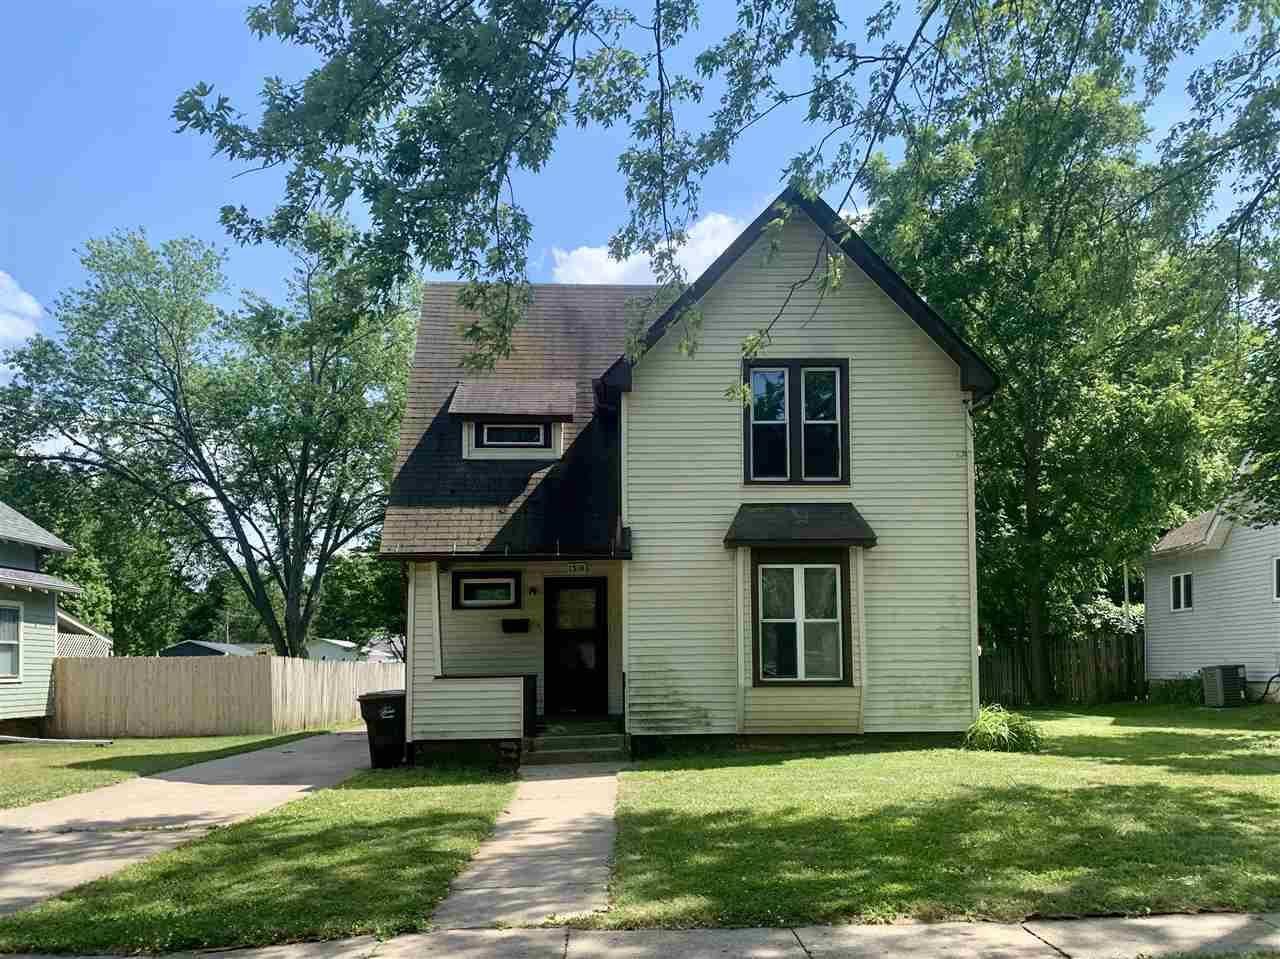 1310 Strong Ave, Beloit, WI 53511 - MLS#: 1887138